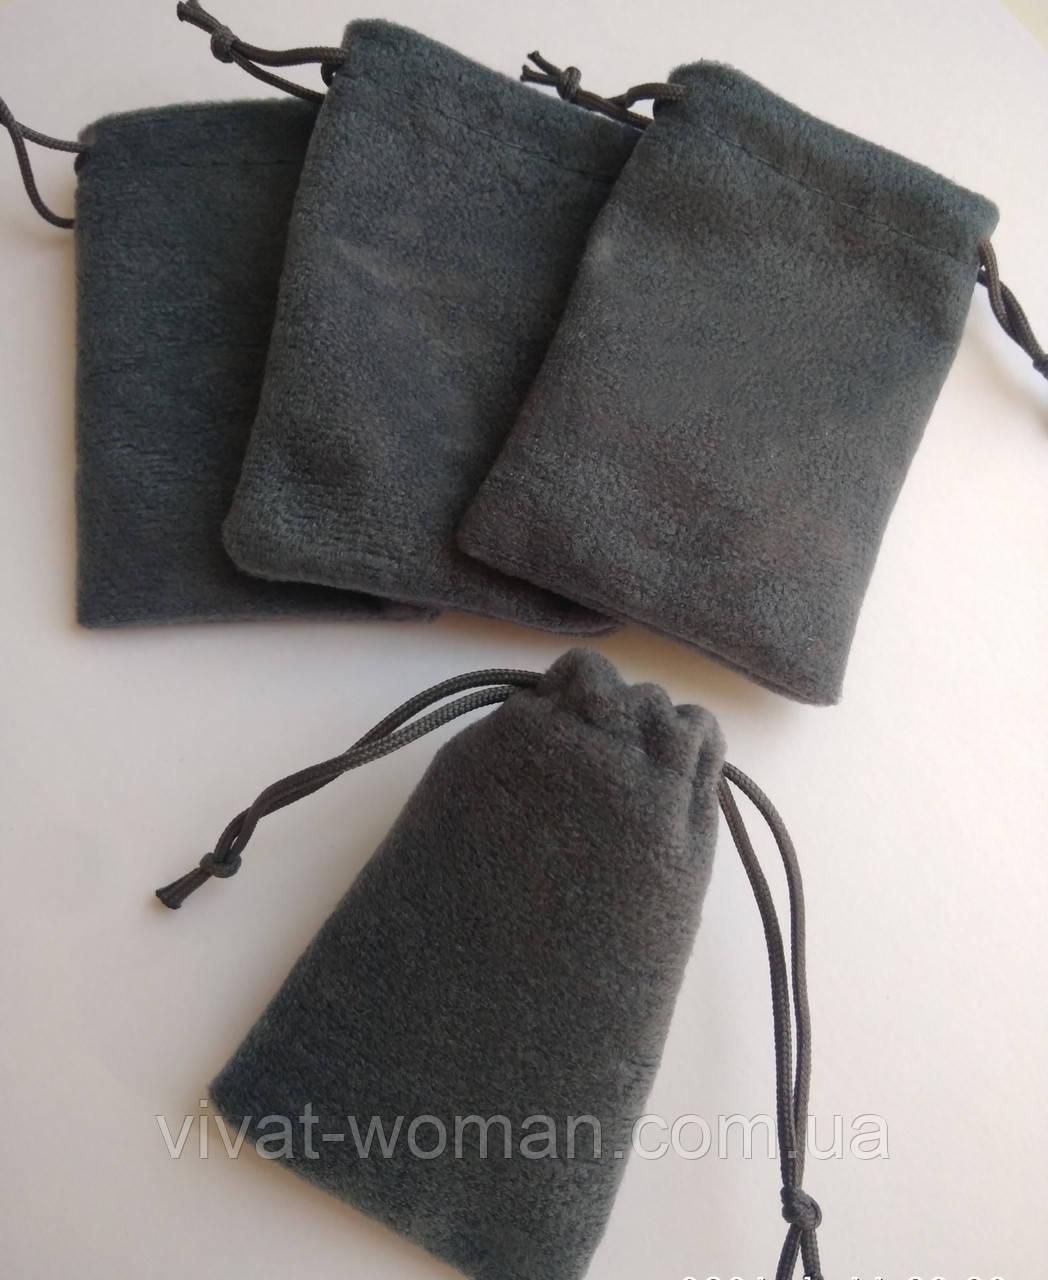 Мішечки ювелірні, бархат сірий матовий, 7х9 см, 1шт. Виробництво Україна